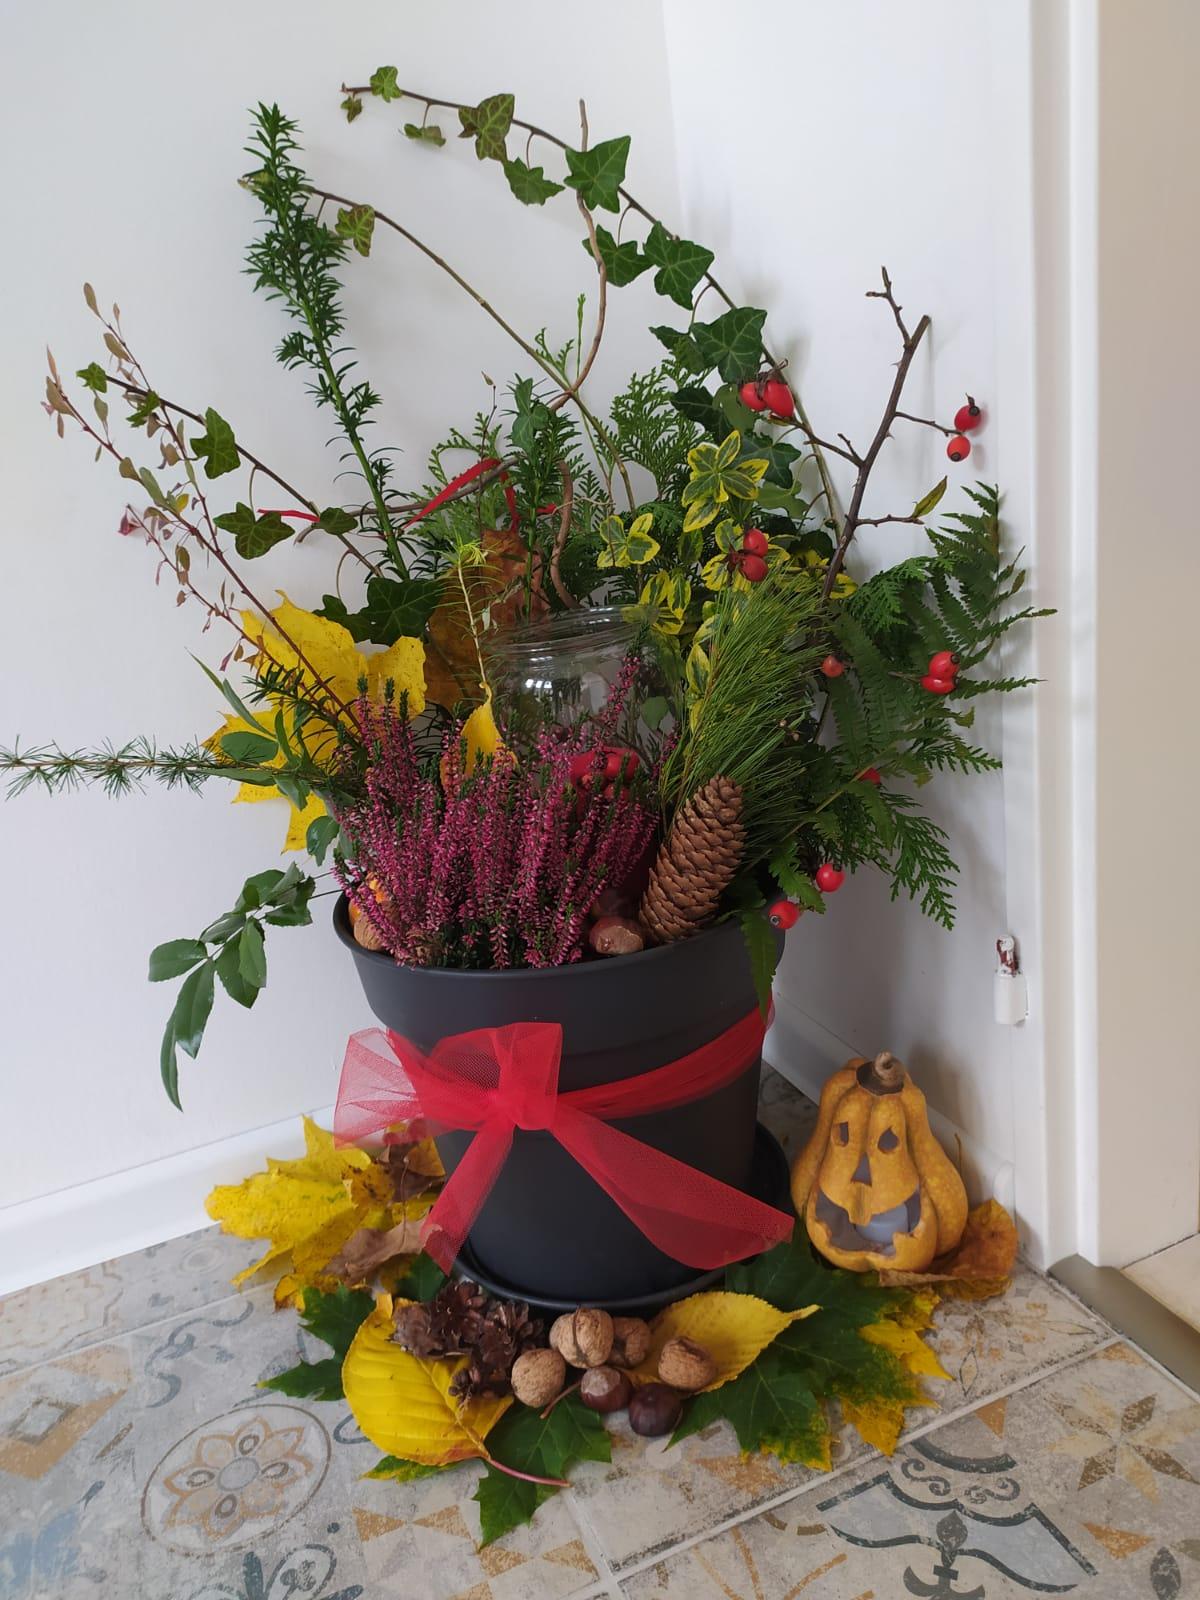 Podzimní dekorace 9.11.2020